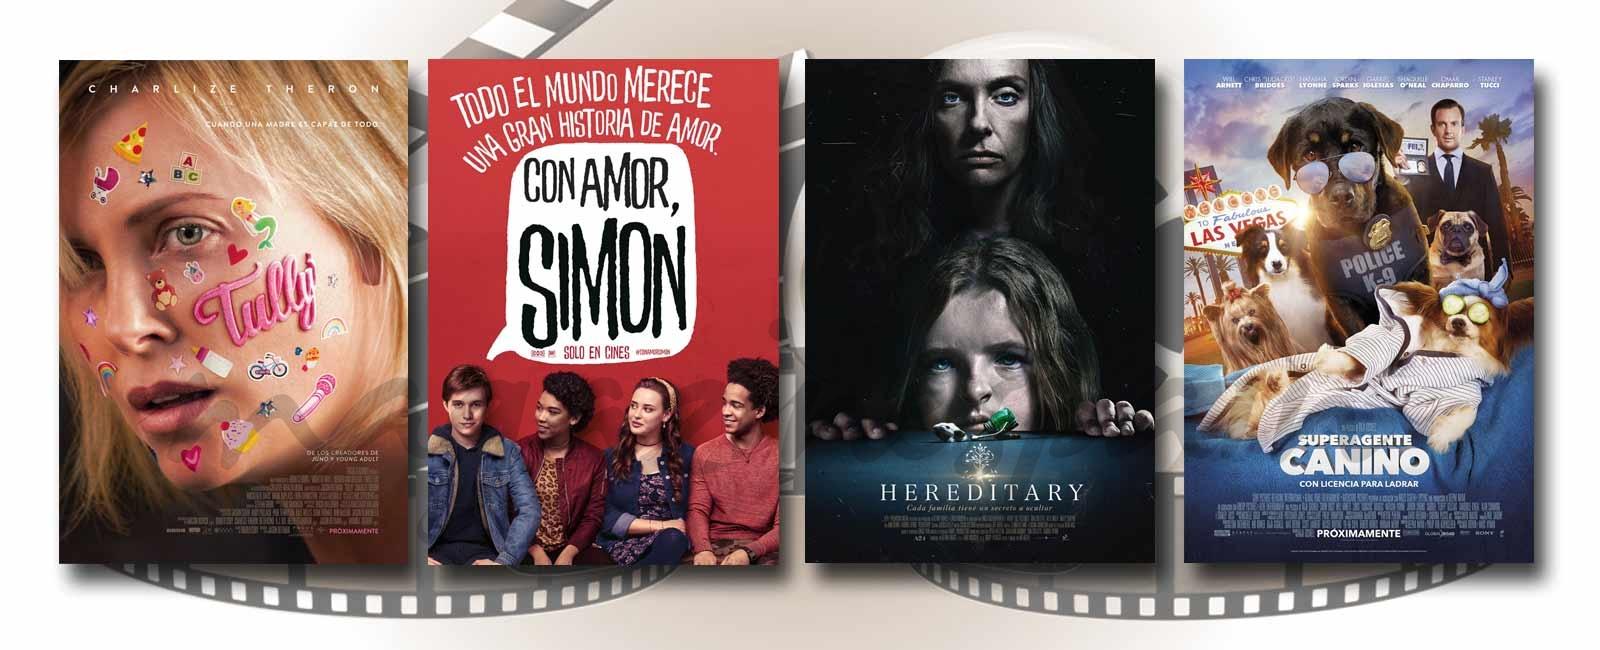 estrenos cine 22junio